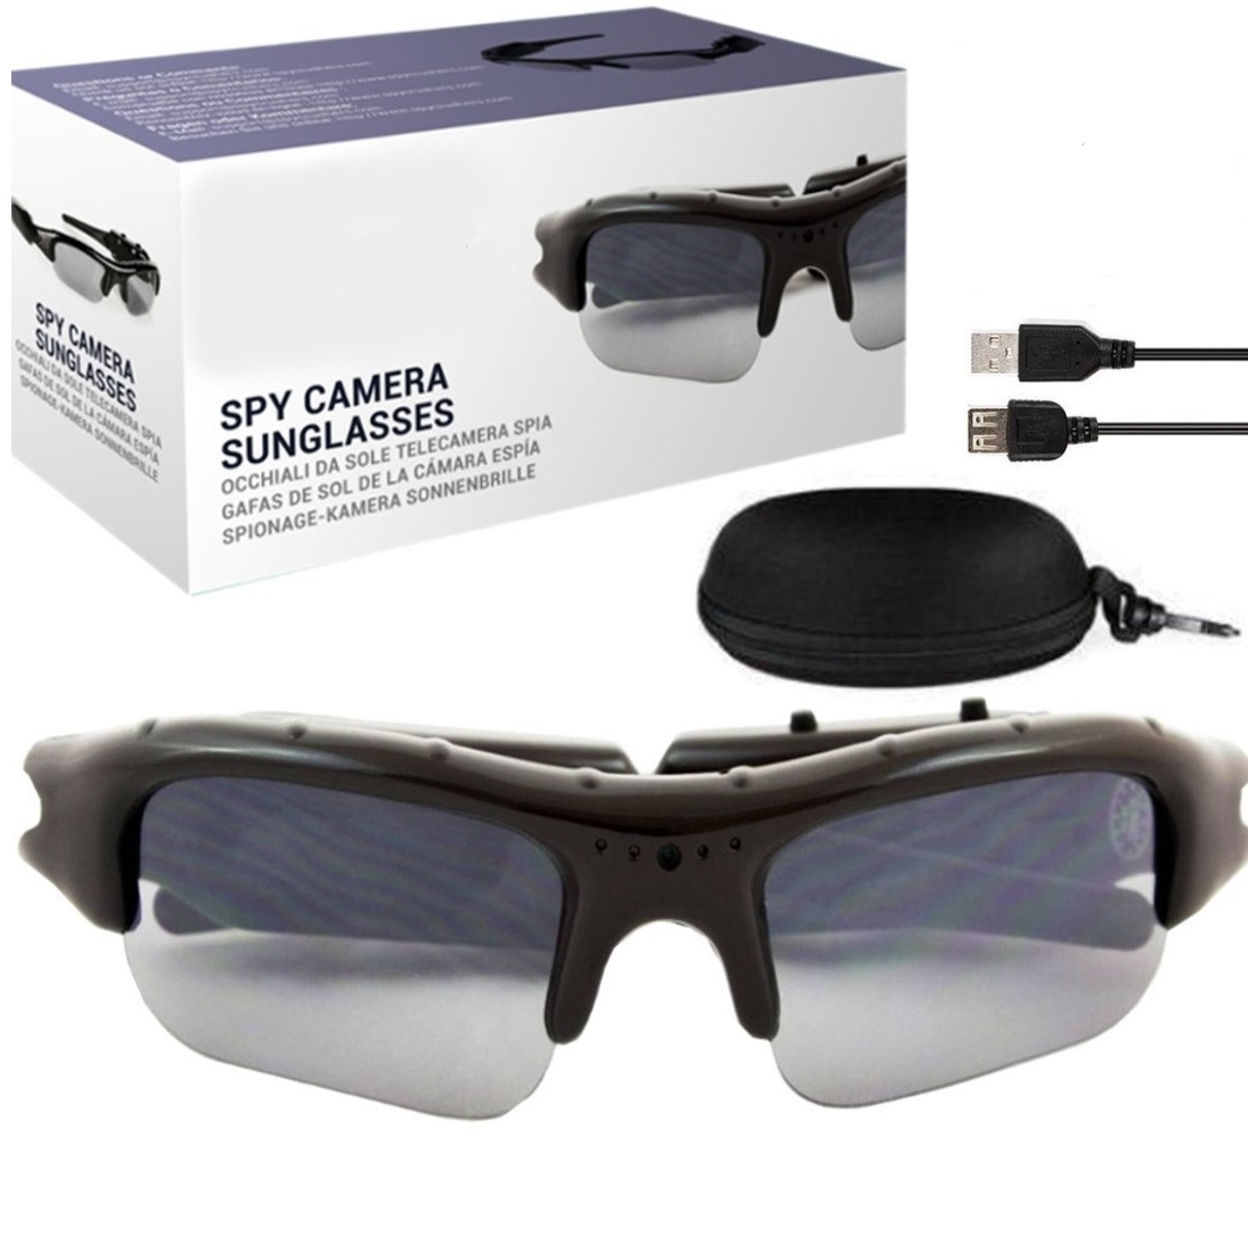 Spy Action HD Video Recording Sunglasses 59935d7f5ec7480cab206884